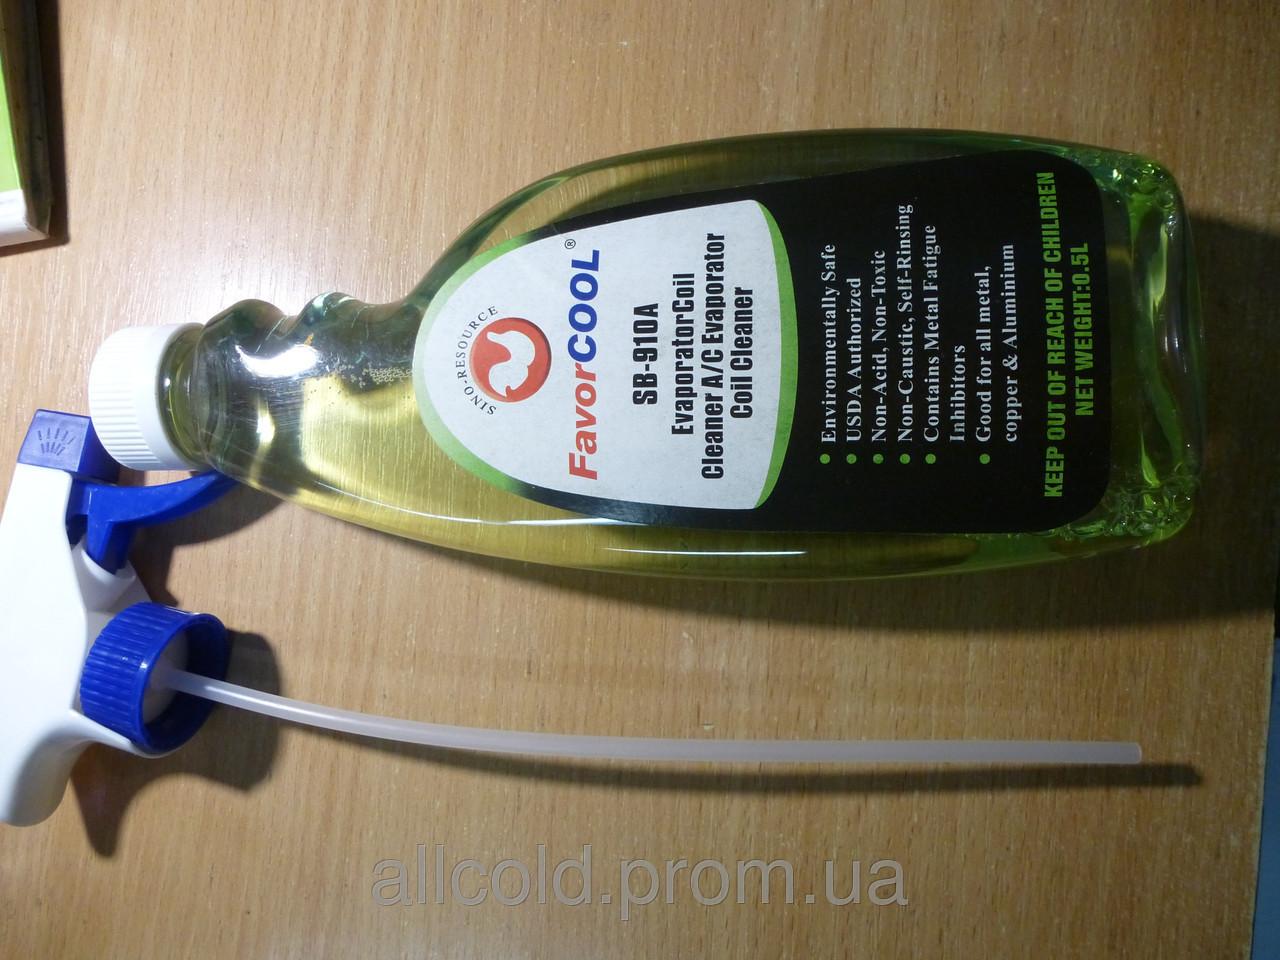 Средство очистки кондиционероов  спрей FavorCool Sb-910 (0,5л.)  испаритель +фильтр  Зелёный   - Интернет-магазин «Моё дело» в Харькове